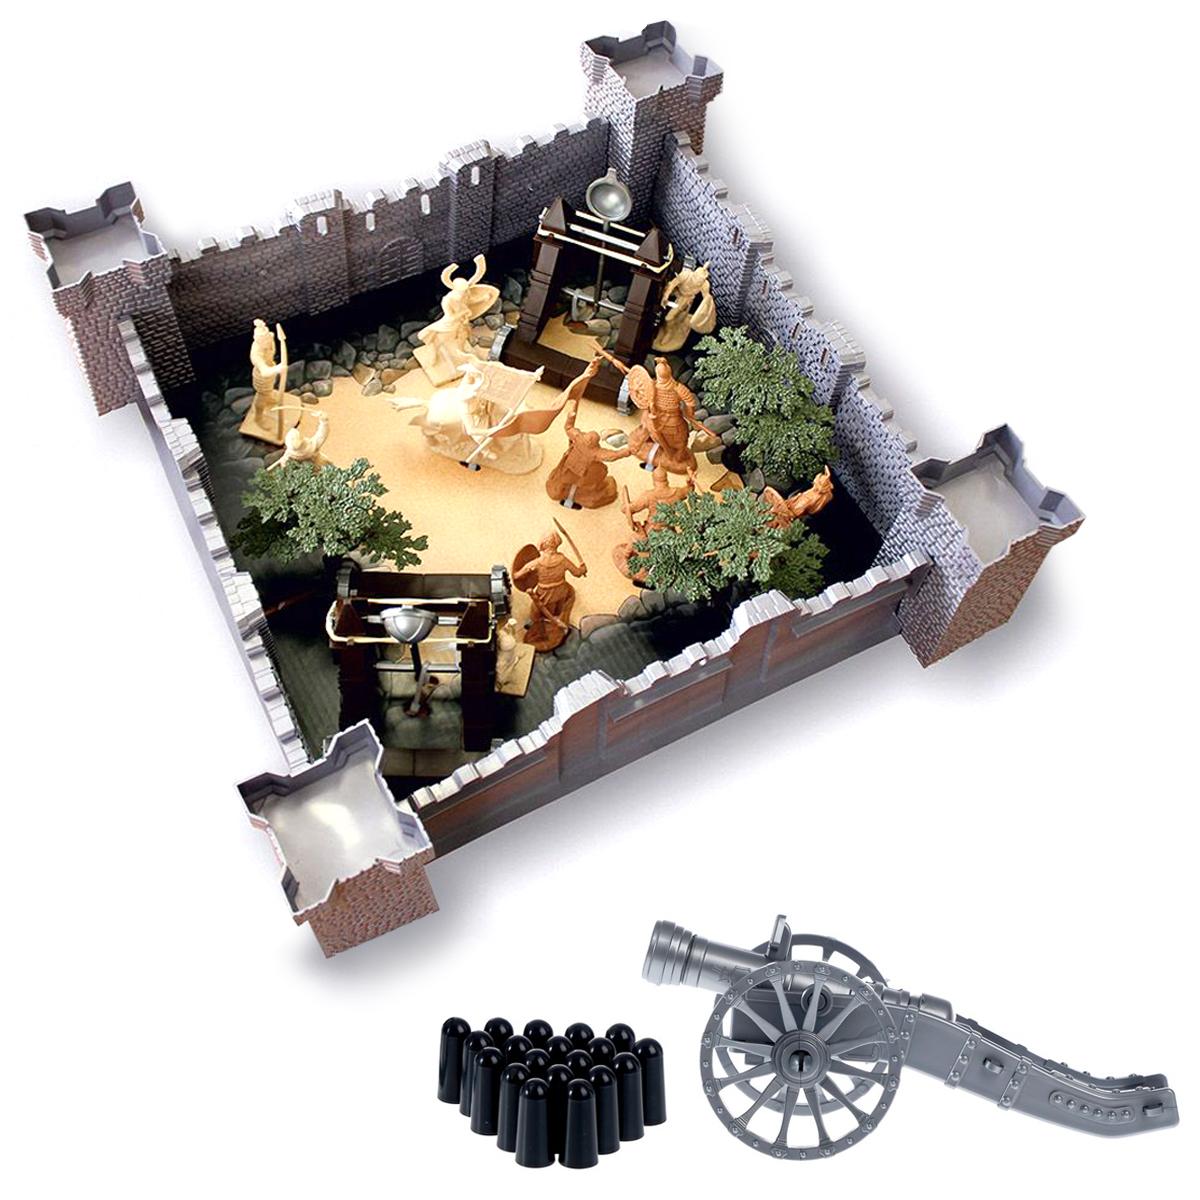 Купить Игровой набор Биплант 1291 Год взятия крепости + Пушка,